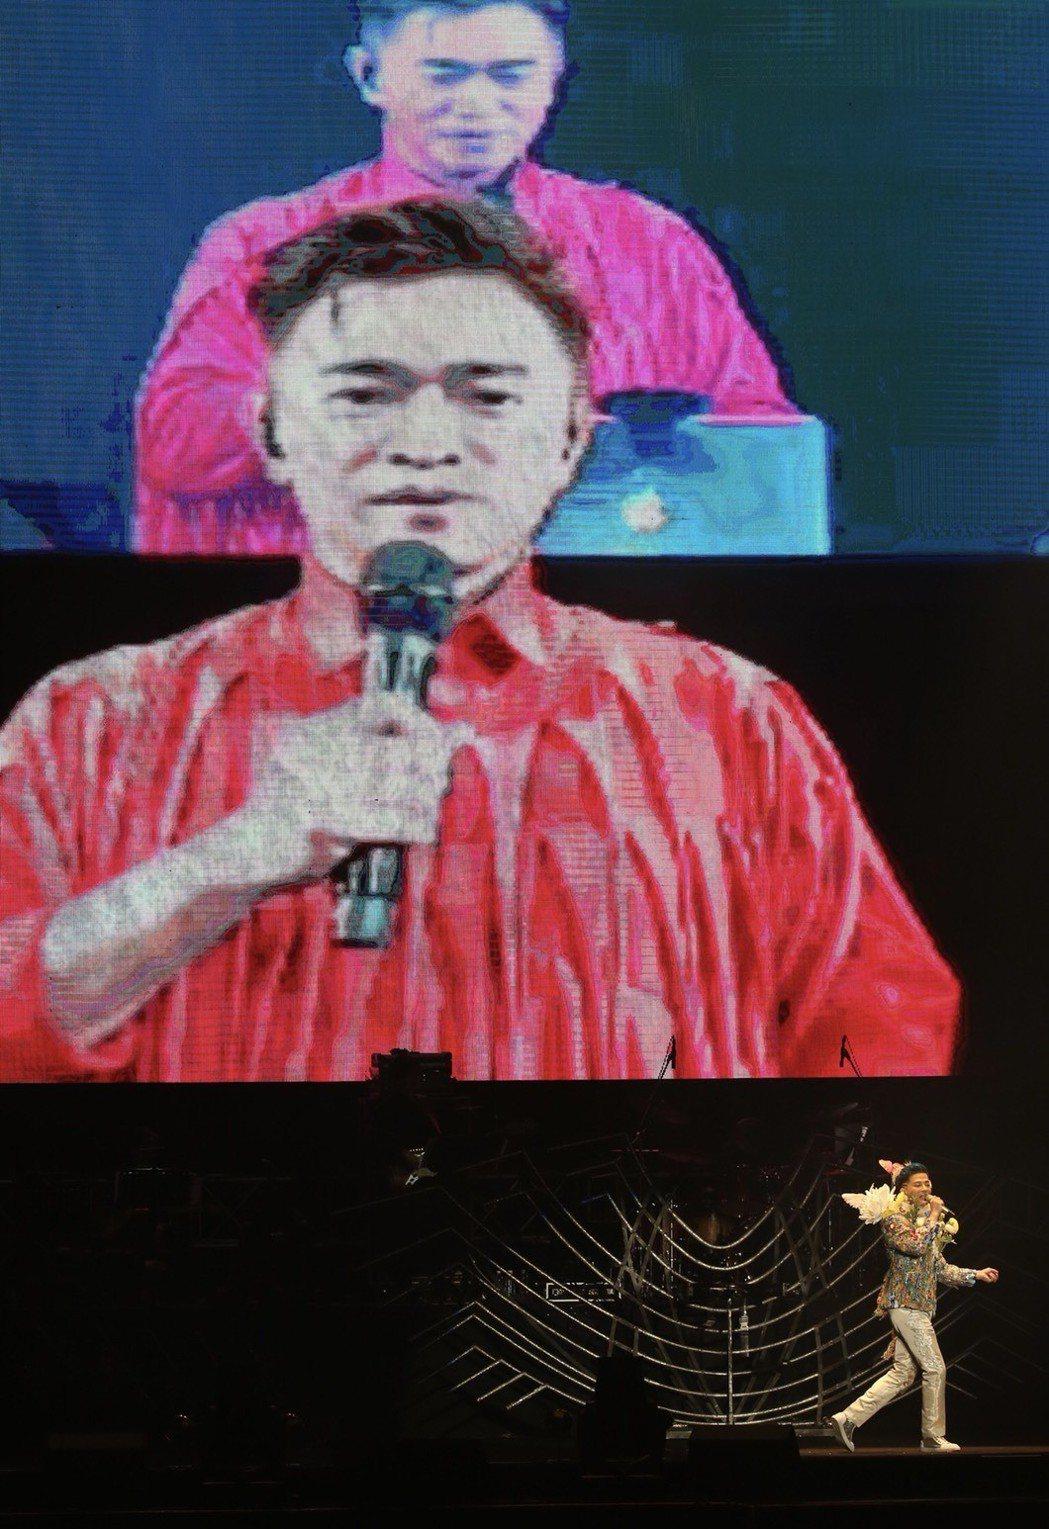 陳曉東28日在南港展覽館開唱,和同一時間在台北小巨蛋舉辦演唱會的吳宗憲連線。記者...